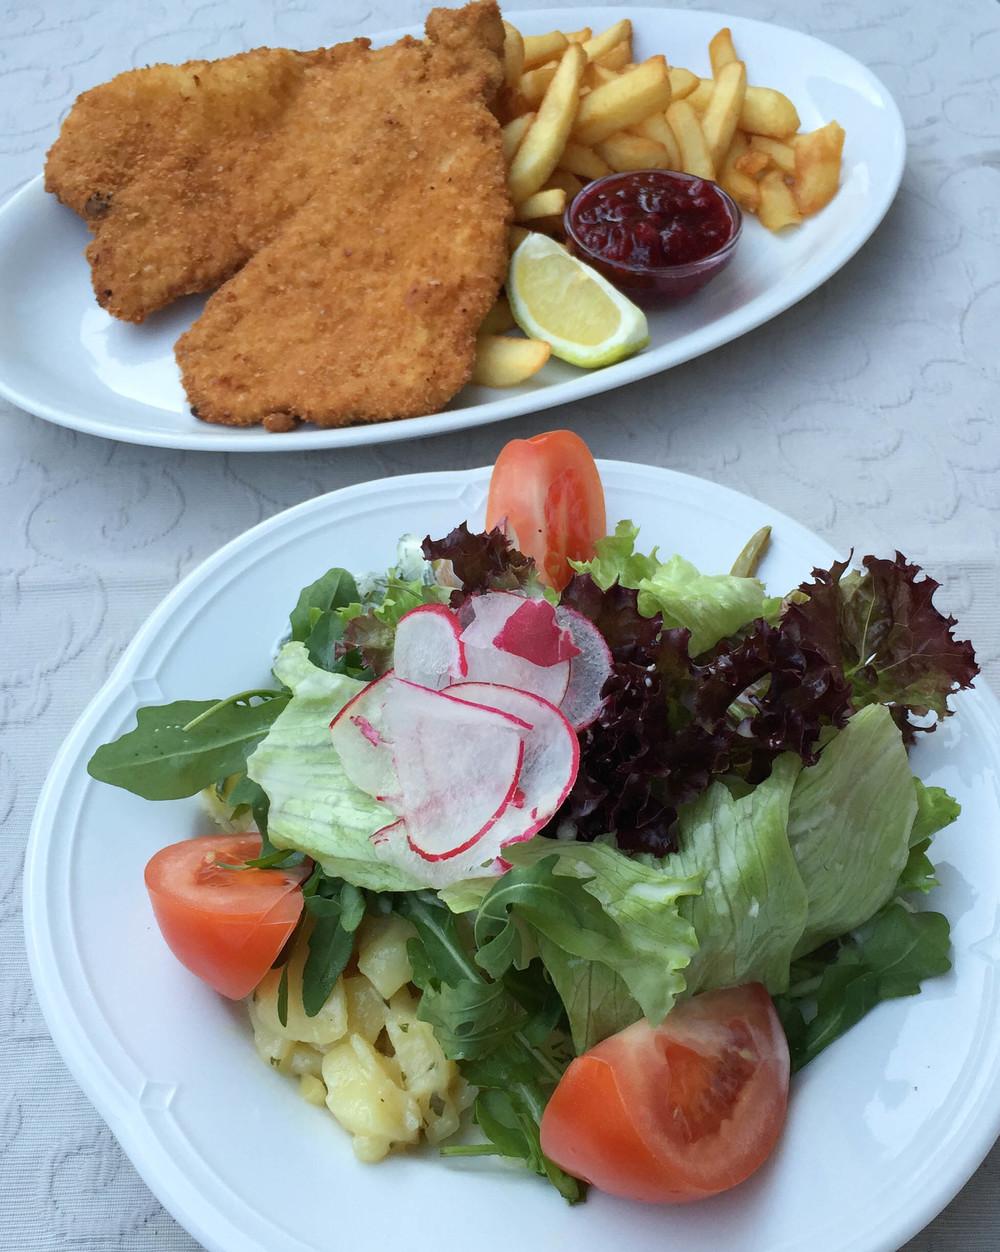 Gemischter Salat + Schnitzel und Pommes